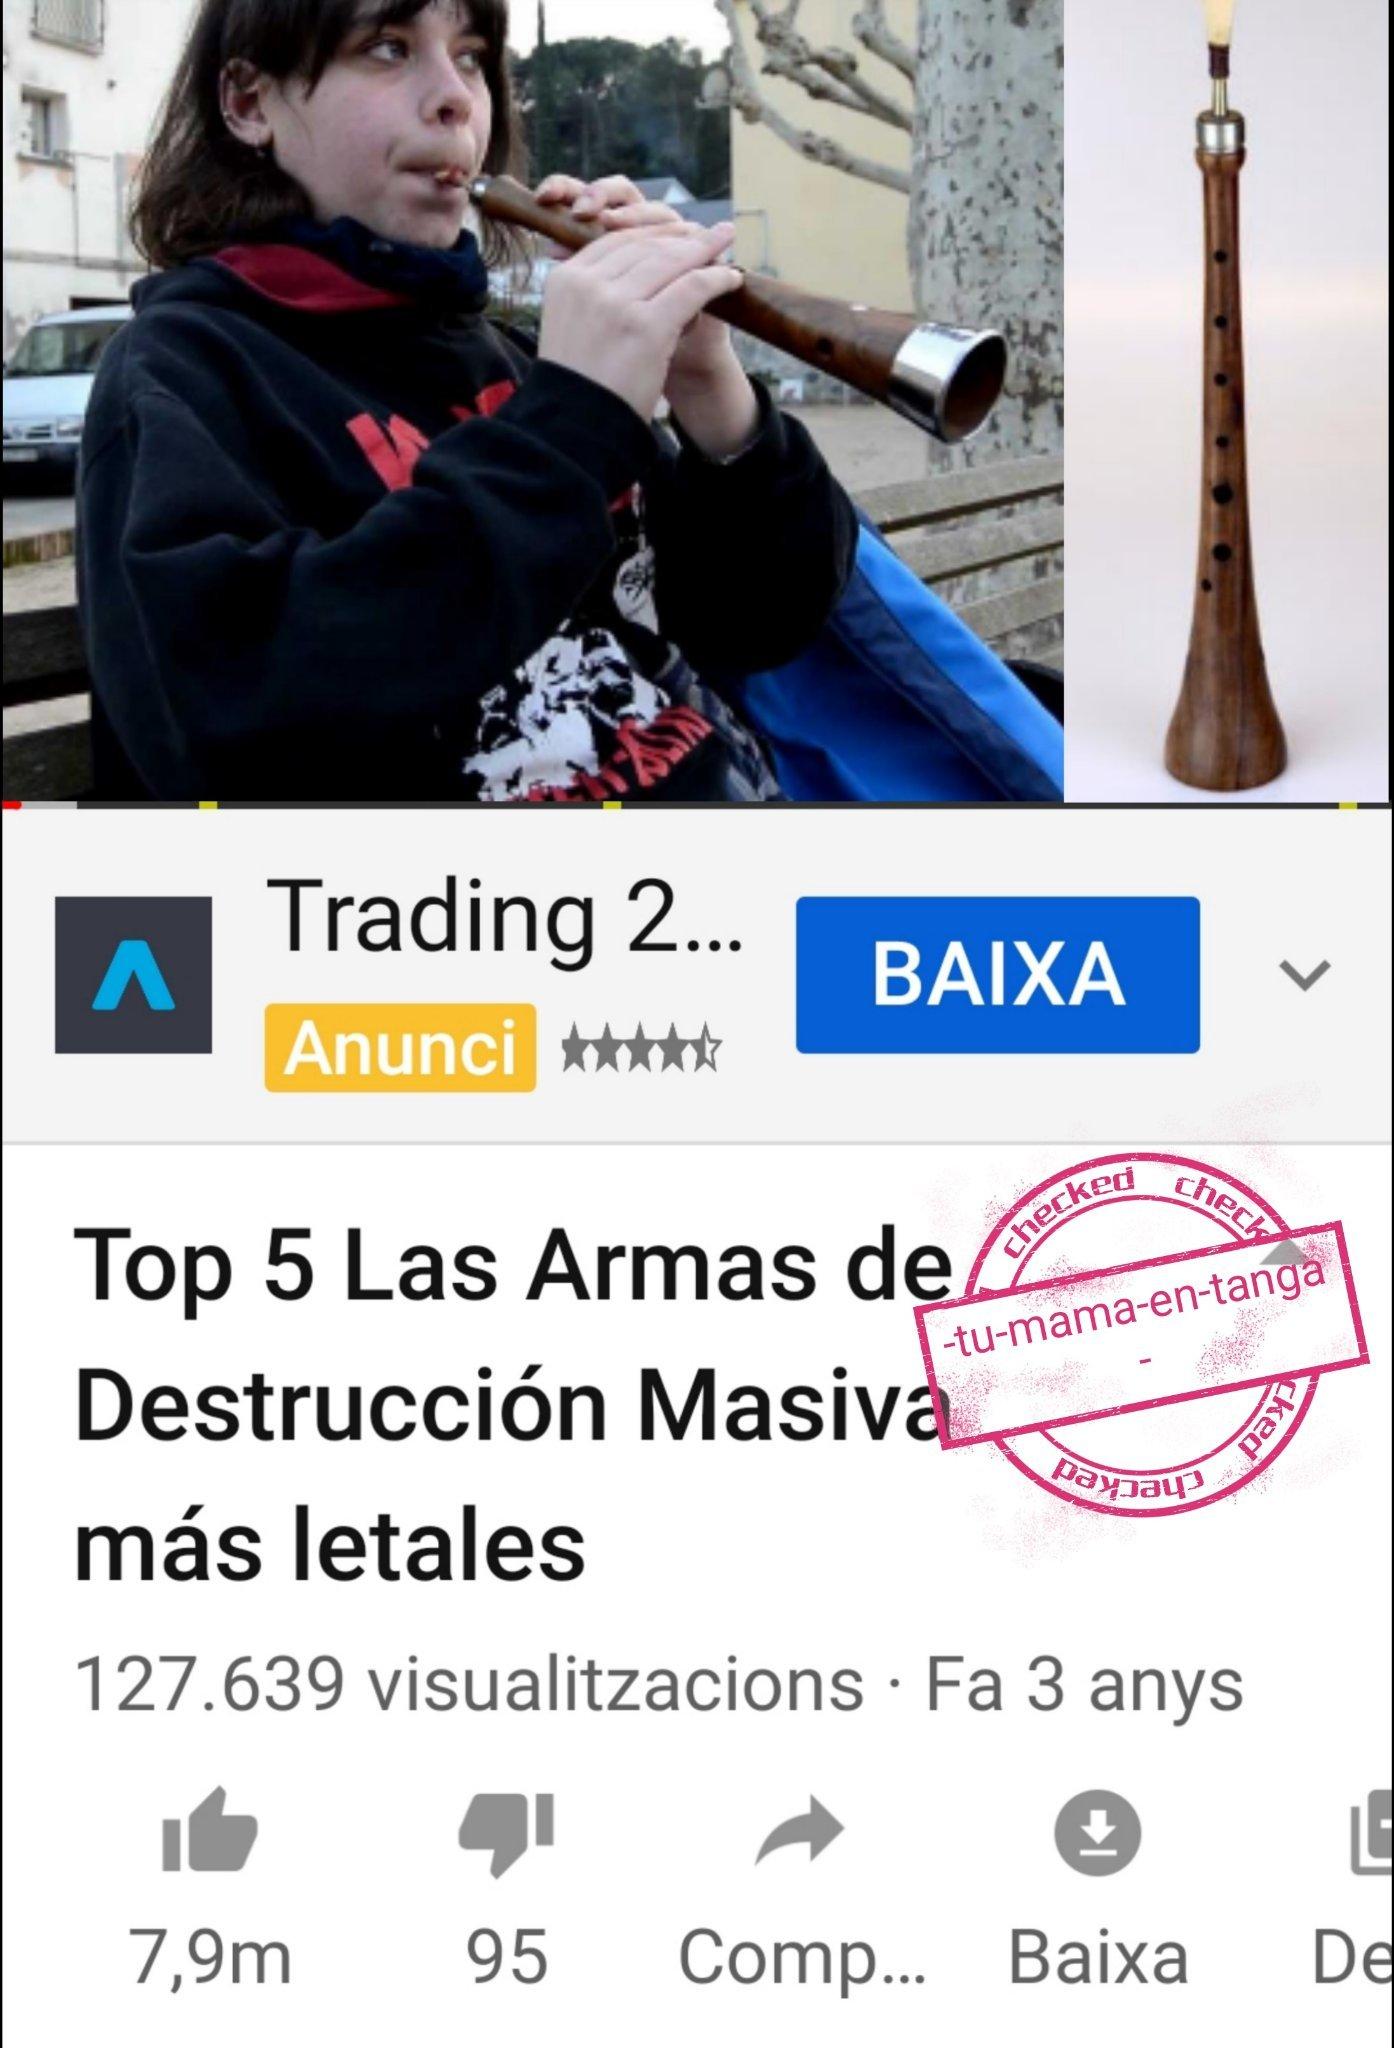 Tengo el movil por detecto en catalan xd - meme